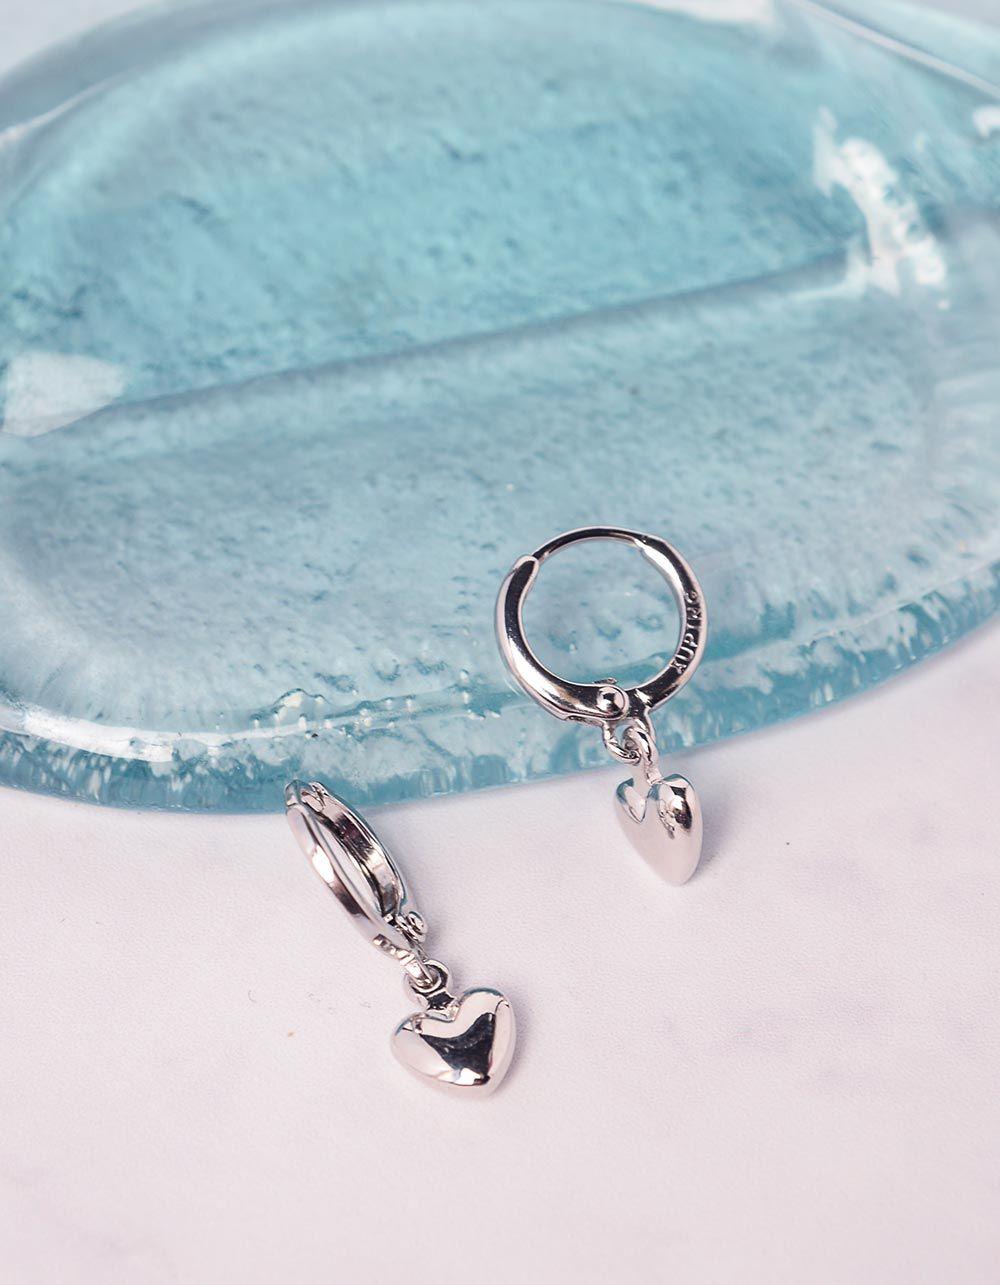 Сережки кільця з кулоном у вигляді серця | 240999-05-XX